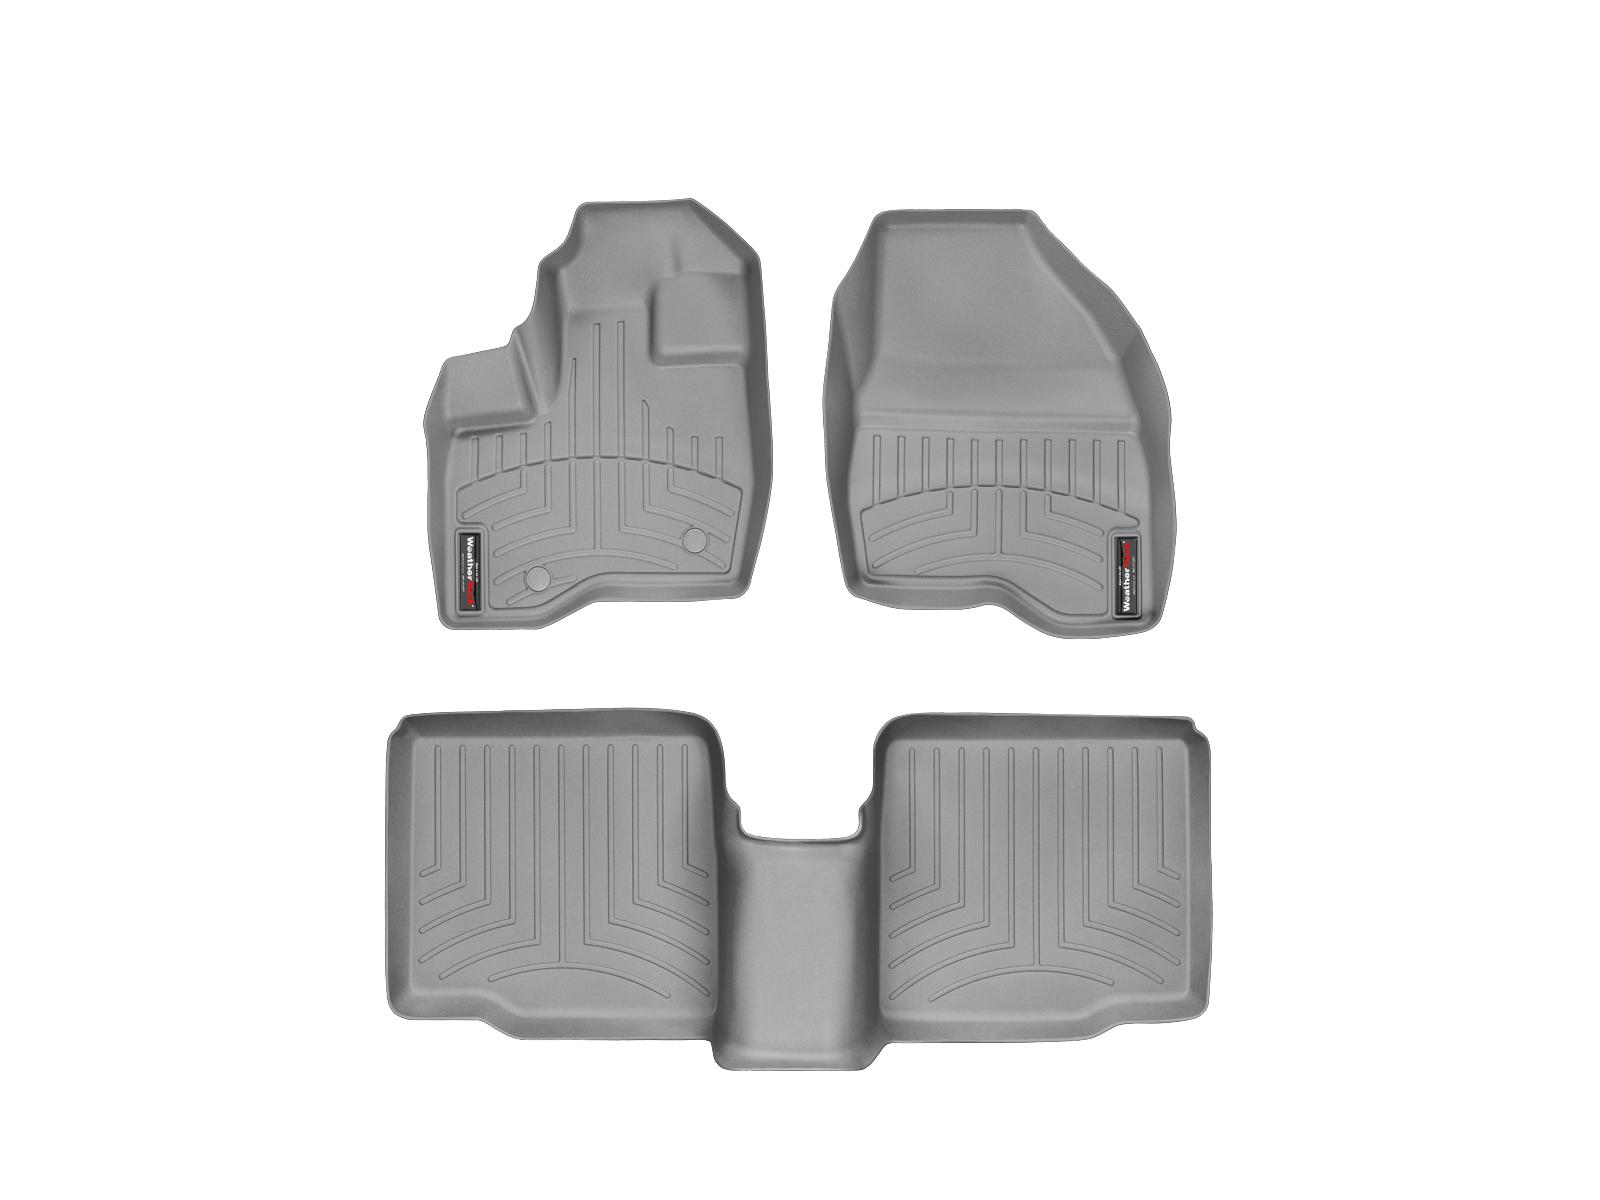 Tappeti gomma su misura bordo alto Ford Explorer 11>14 Grigio A862*